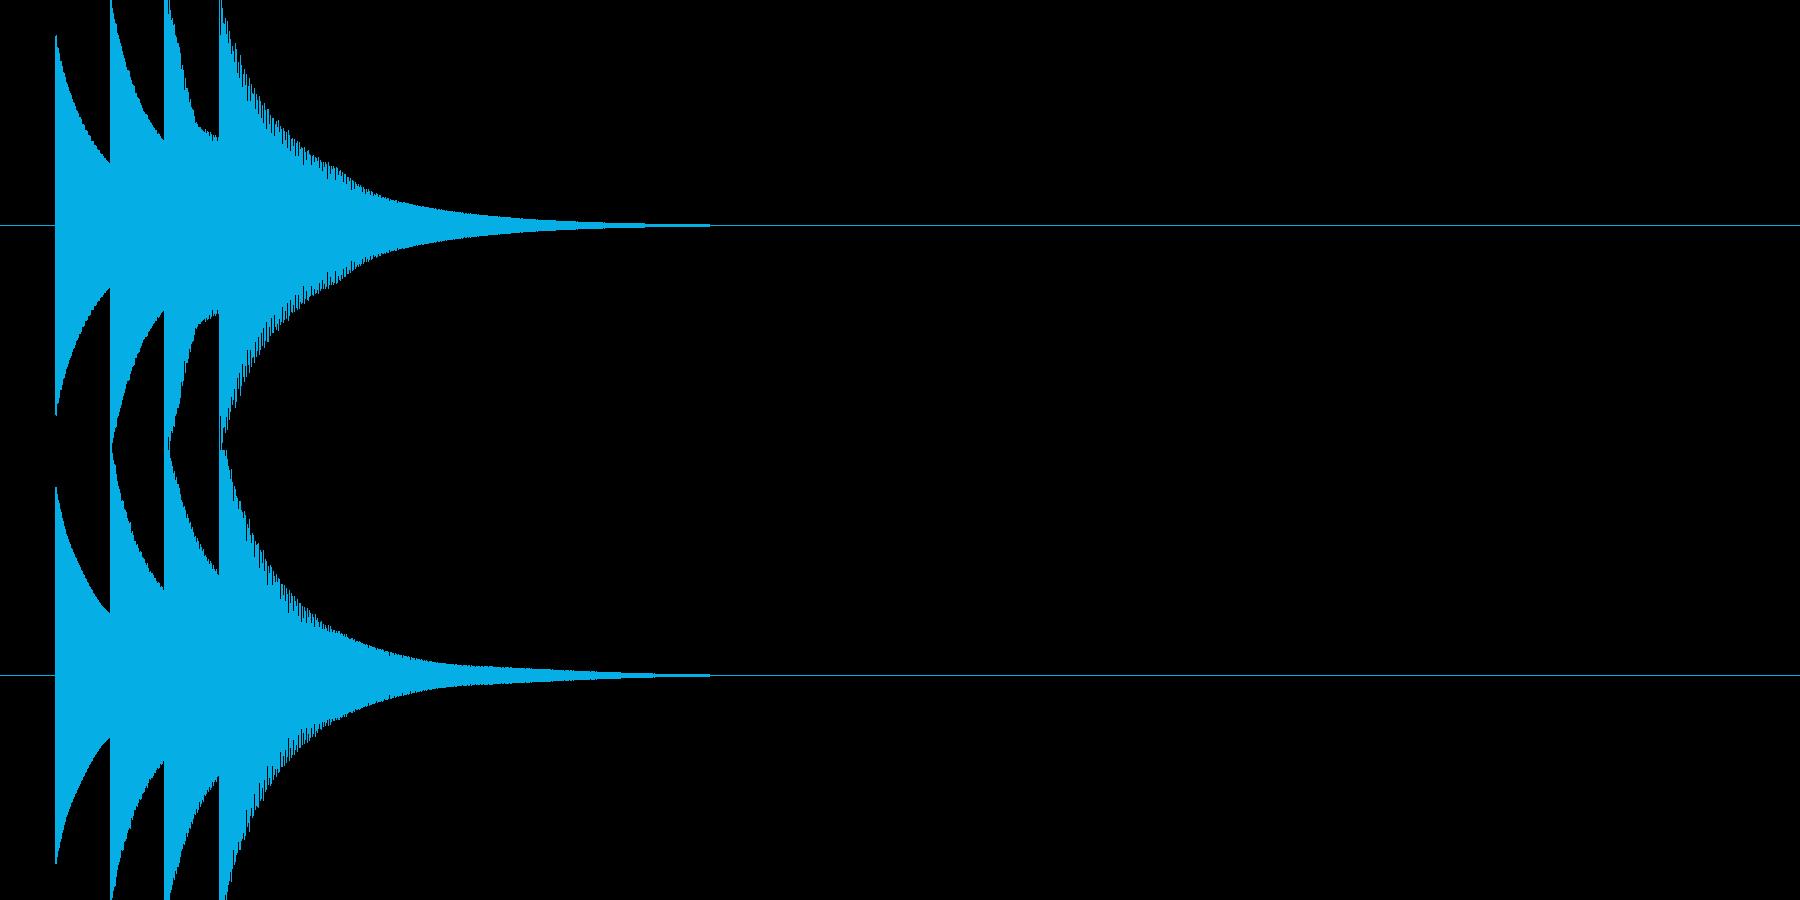 ピコピコーン(正解音)の再生済みの波形